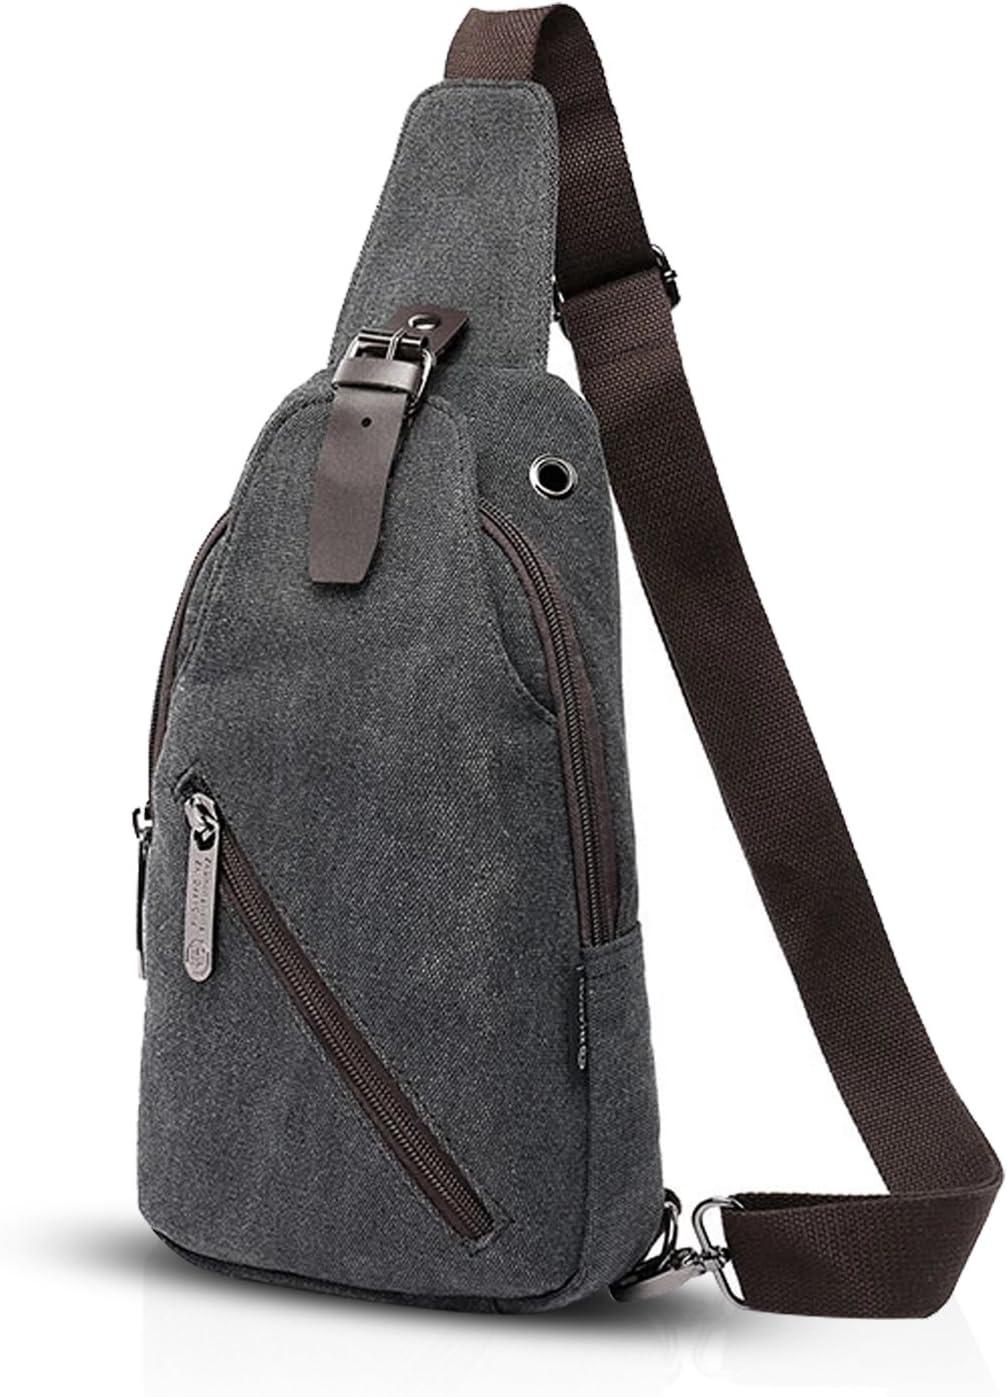 FANDARE Vintage Sling Bag Messenger Bag One Shoulder Backpack Crossbody Bag Travel Bag Women//Men Canvas Black